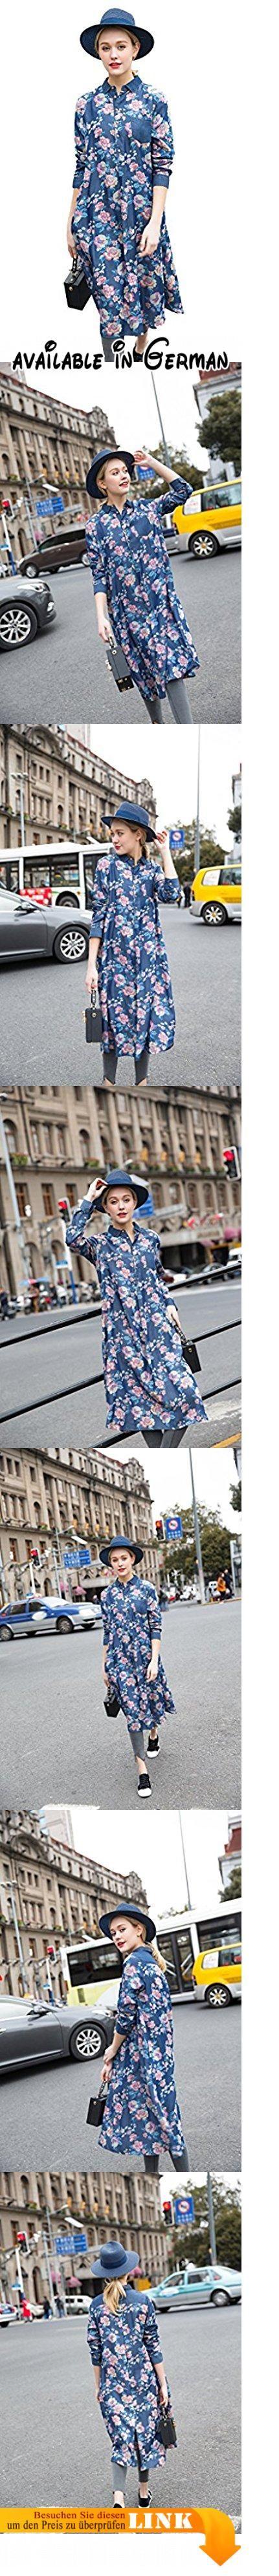 YOU.U 2017 Neuer Sommer / Herbst Frauen Blumendruck Thin Denim Blue Lange Jacke, 100% Lyocell Button-Down Shirt Kleid, Long Sleeves Mantel. Traditioneller chinesischer Stil und moderne Jean-Kombination - wenn man diesen Mantel auf den ersten Blick sieht, wirst du ihn mit dem chinesischen Chi-pao verbinden. All-over rosa Blumendruck ist das Highlight, mittlerweile passend es mit demim blauem Hintergrund, perfekt kombinieren zwei Stile Zusammen, was dazu beiträgt, dass es